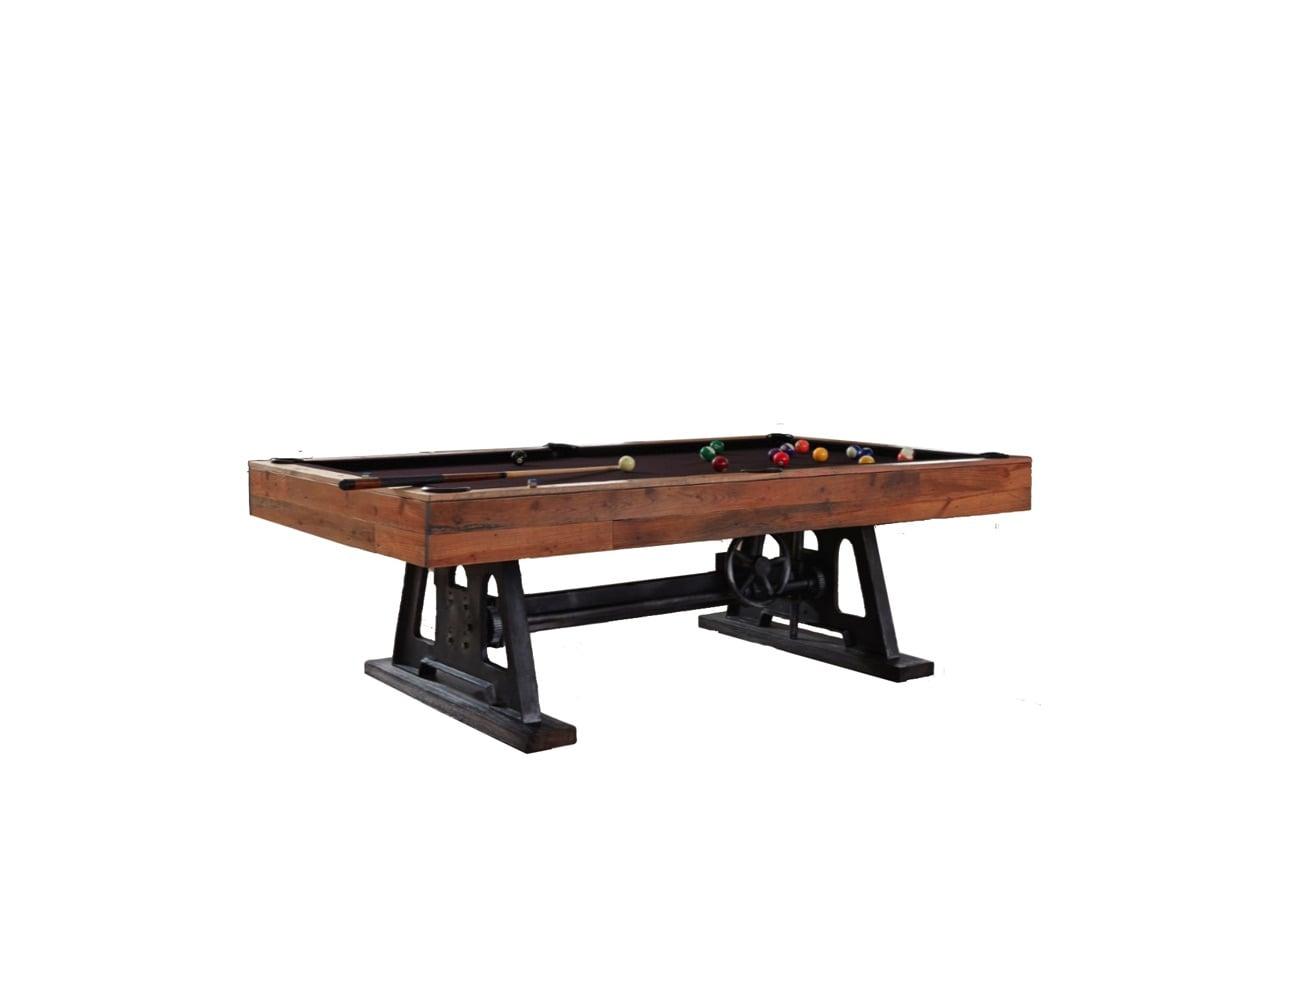 ... Da Vinci Reclaimed Wood Billiards Table